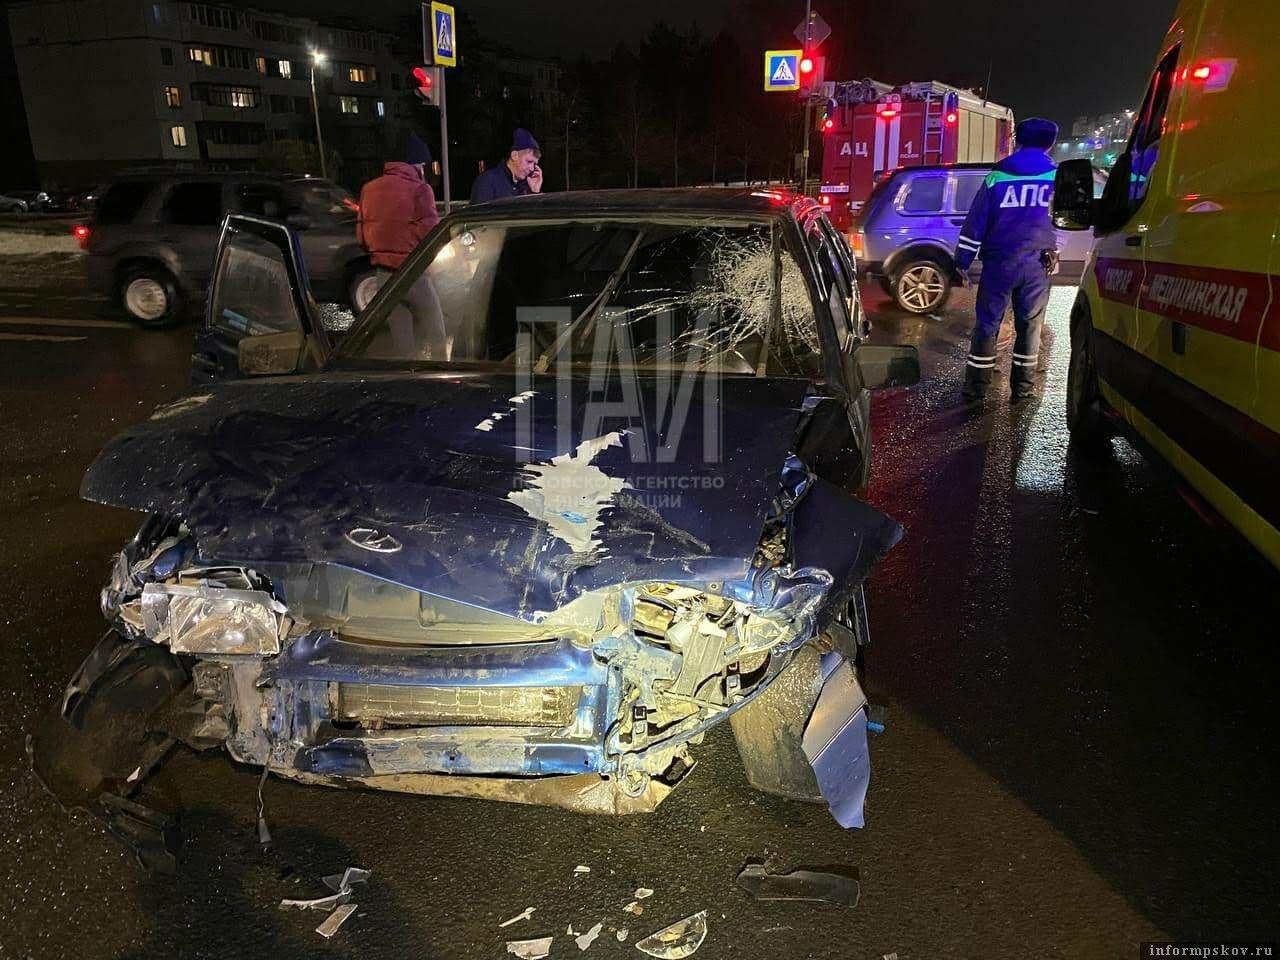 У водителя автомобиля ВАЗ-2115 рваная рана нижней конечности. Фото ПАИ